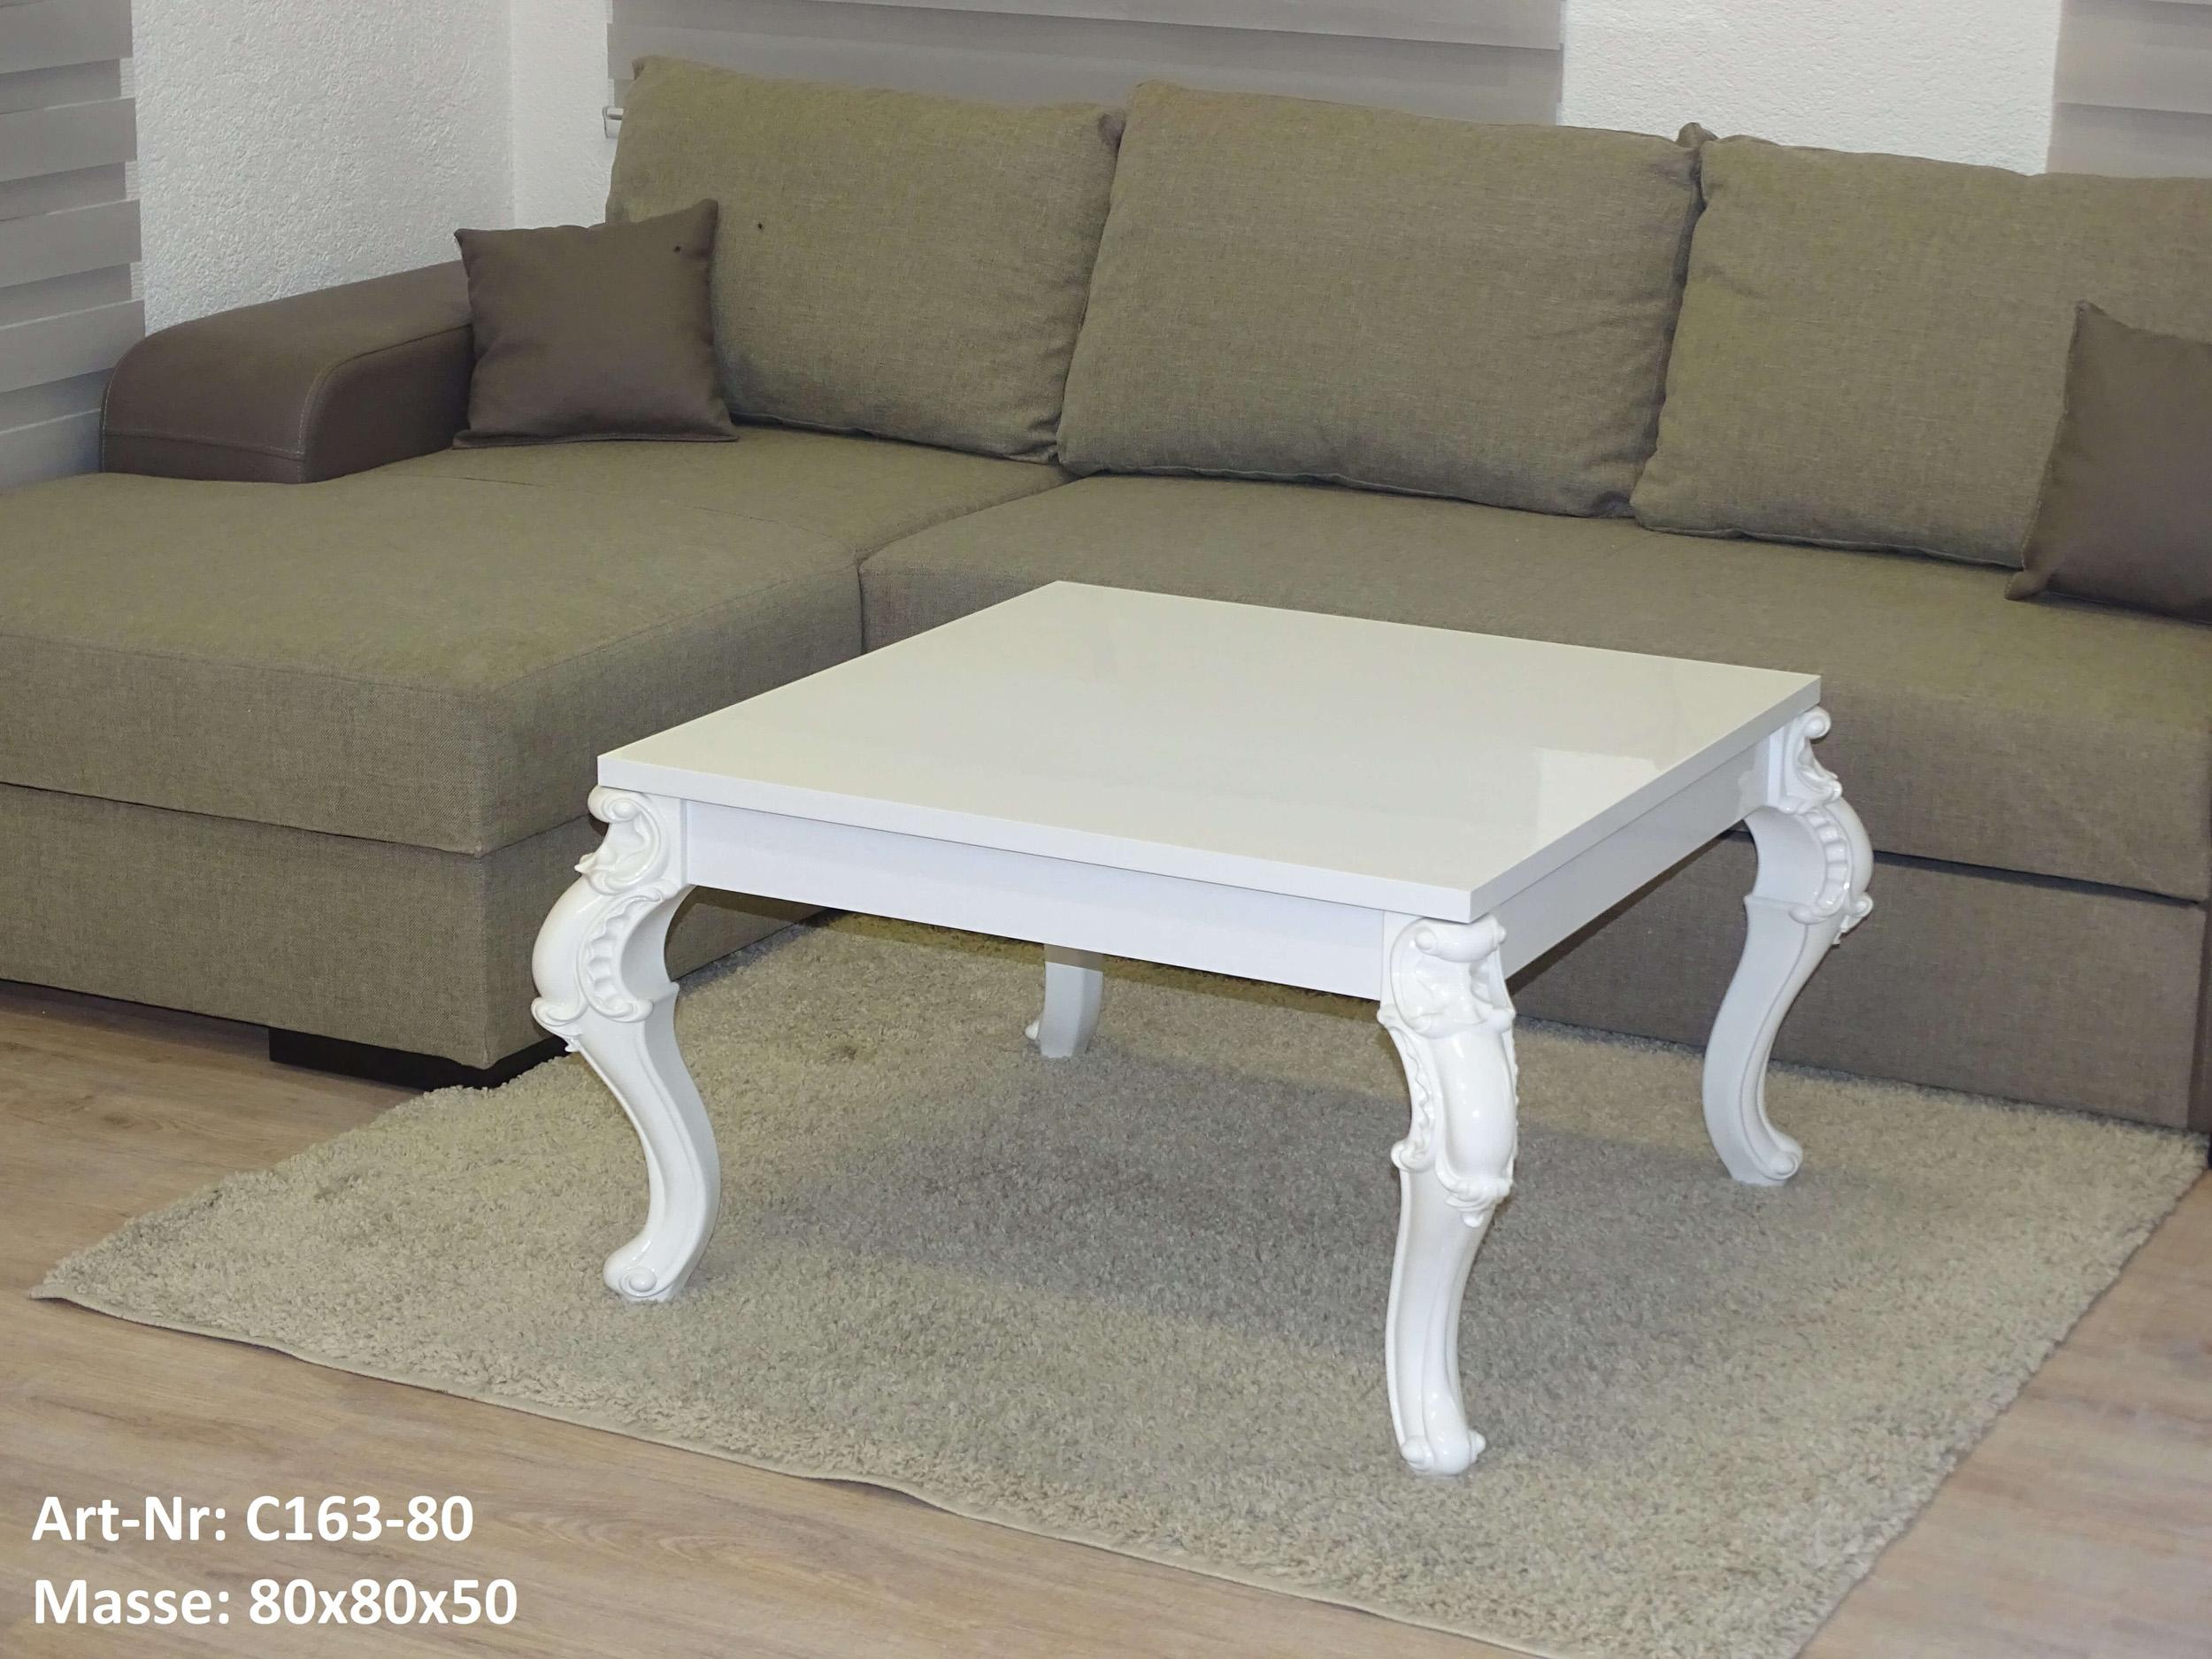 couchtisch wohnzimmertisch tisch barock stil 120 100 80 wei hochglanz ebay. Black Bedroom Furniture Sets. Home Design Ideas